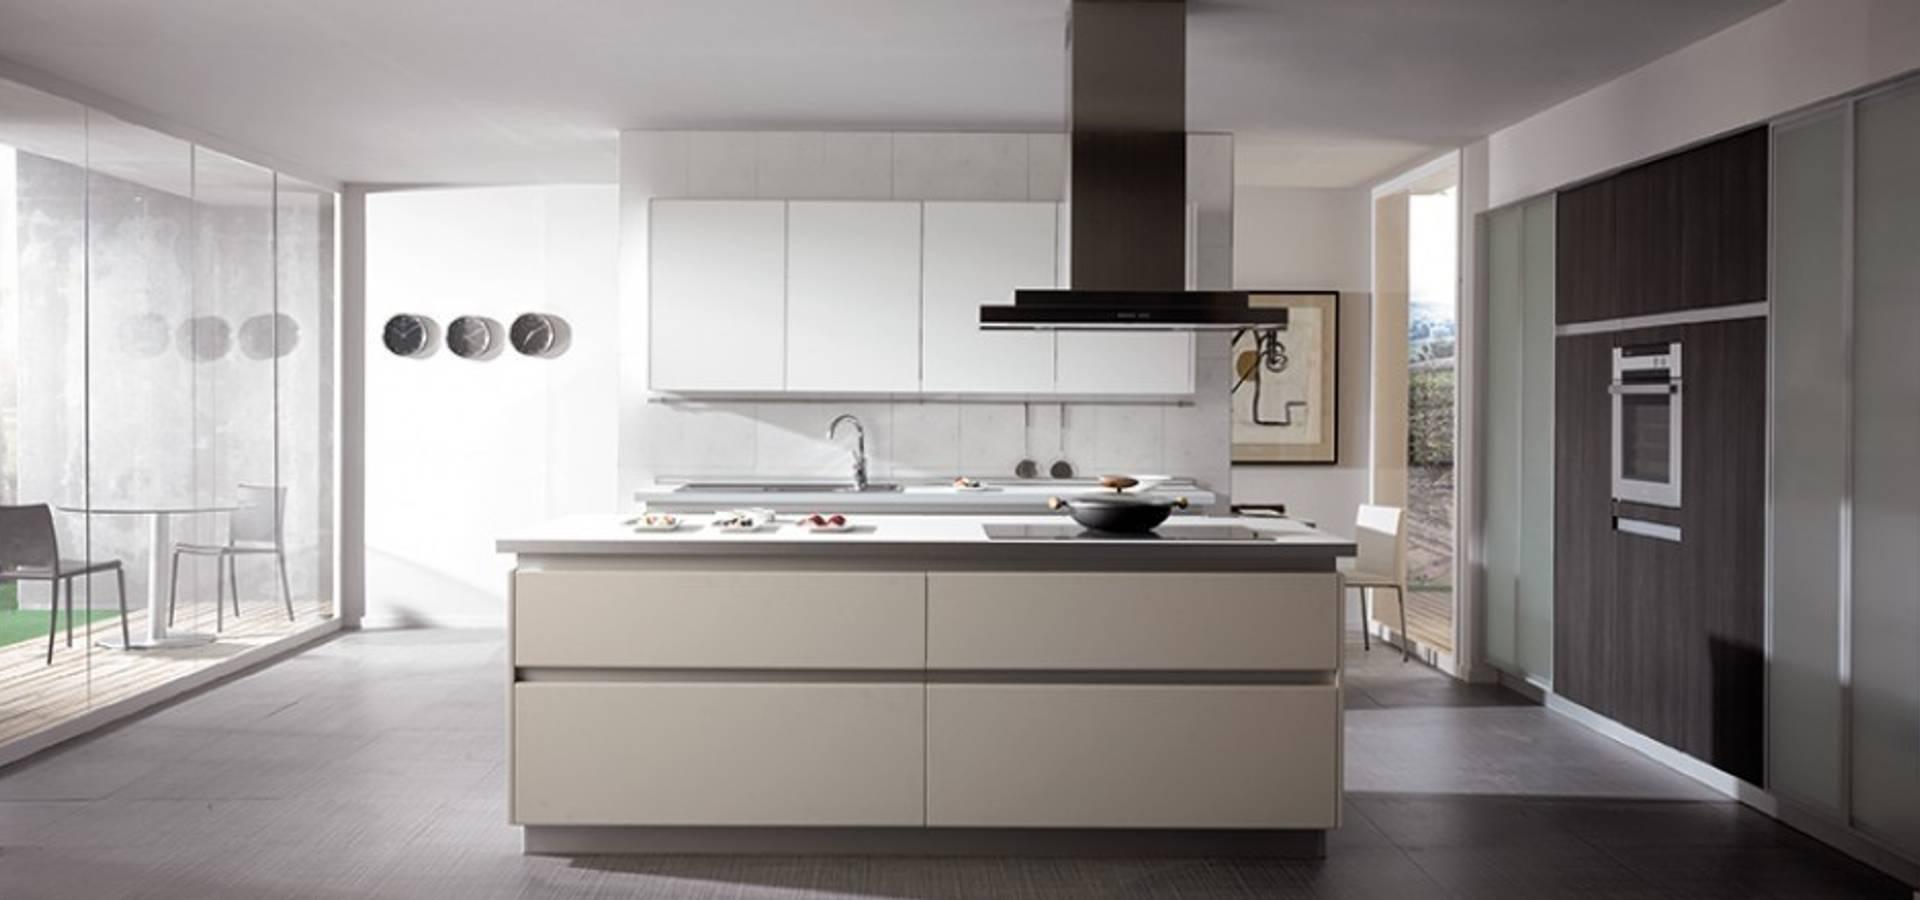 Las cocinas vegasa kitchen y sus muebles sin tirador de for Muebles de cocina vegasa